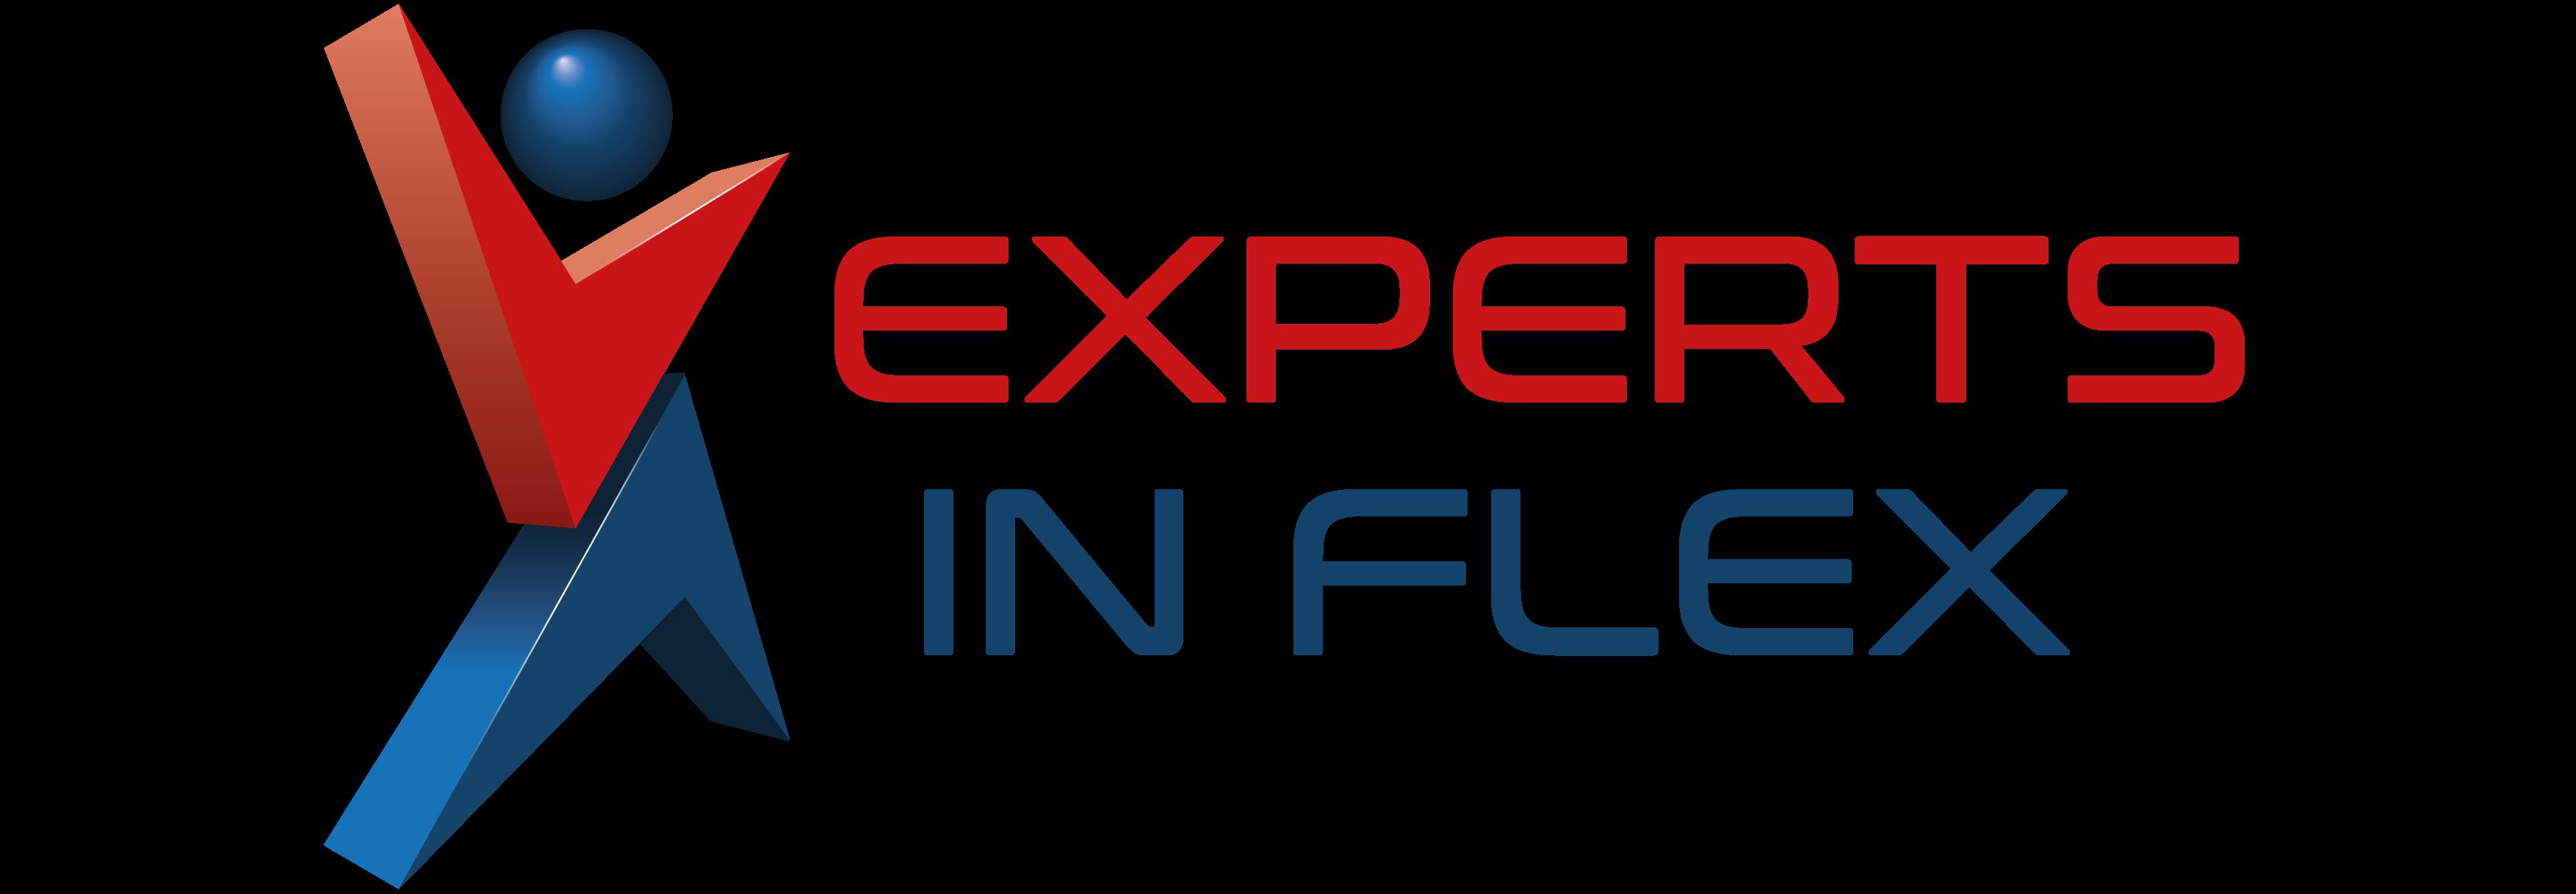 Experts in Flex – Voor flexbedrijven die vooruit willen